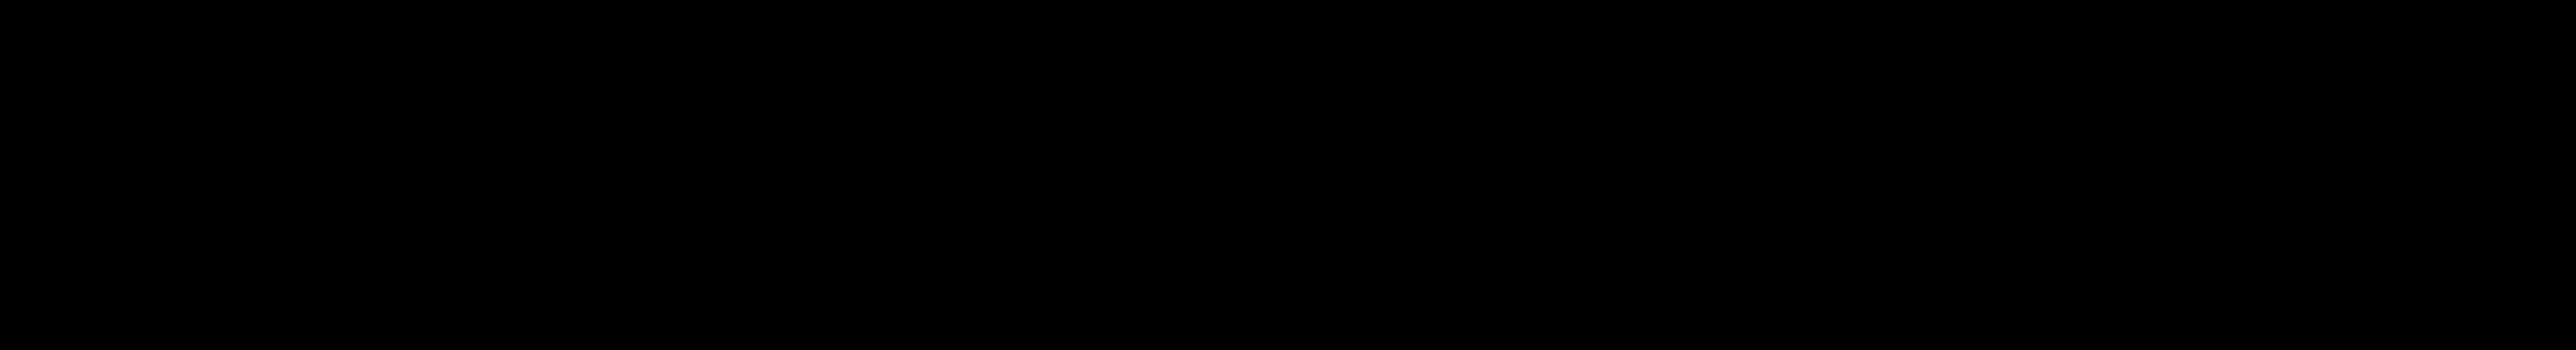 Logo Joachim Mit Schrift Quer Schwarz #1